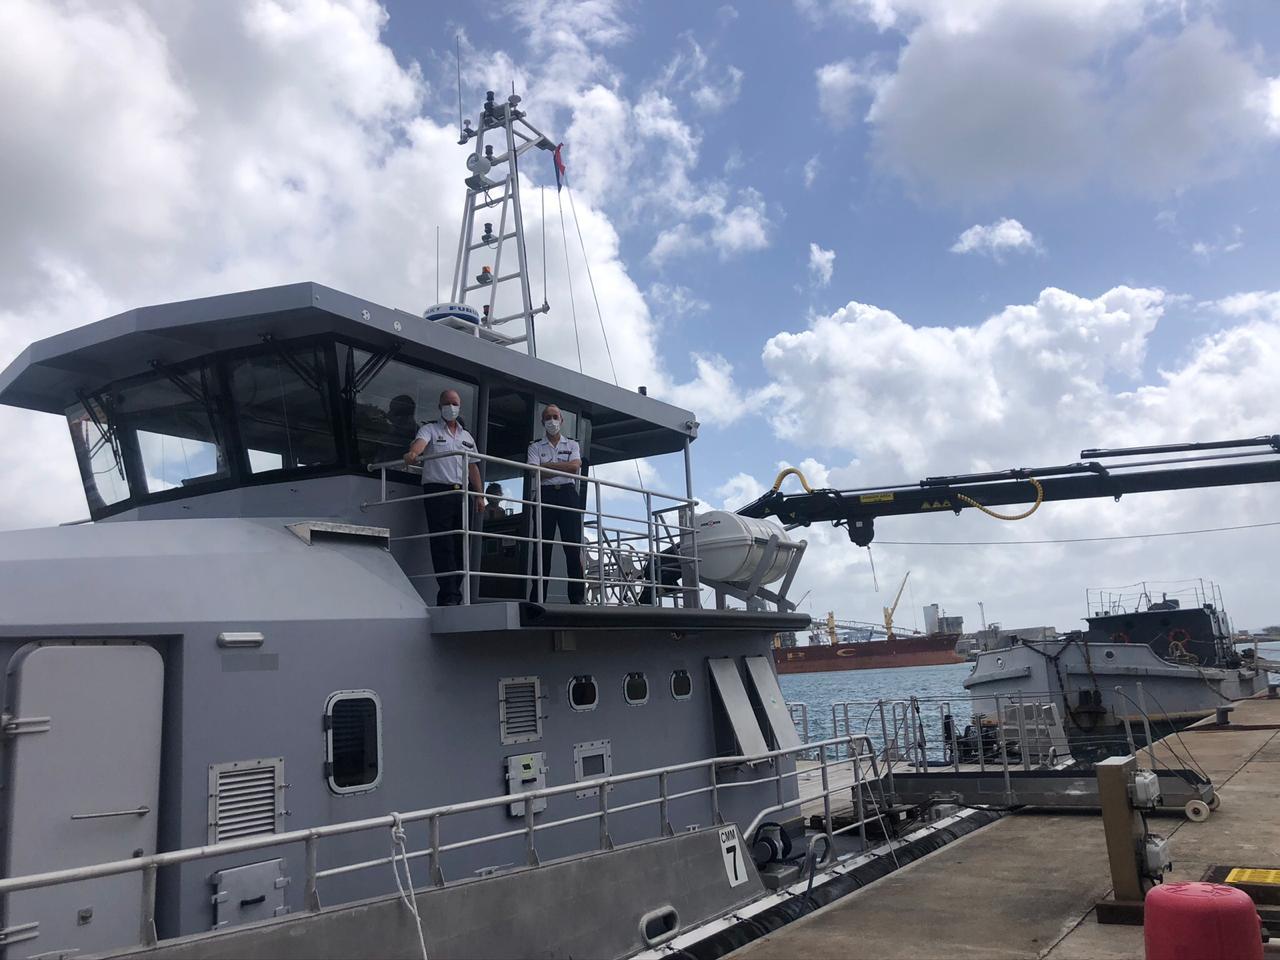 Le chaland multi-missions Luciole vient enrichir la base navale de Fort-de-France